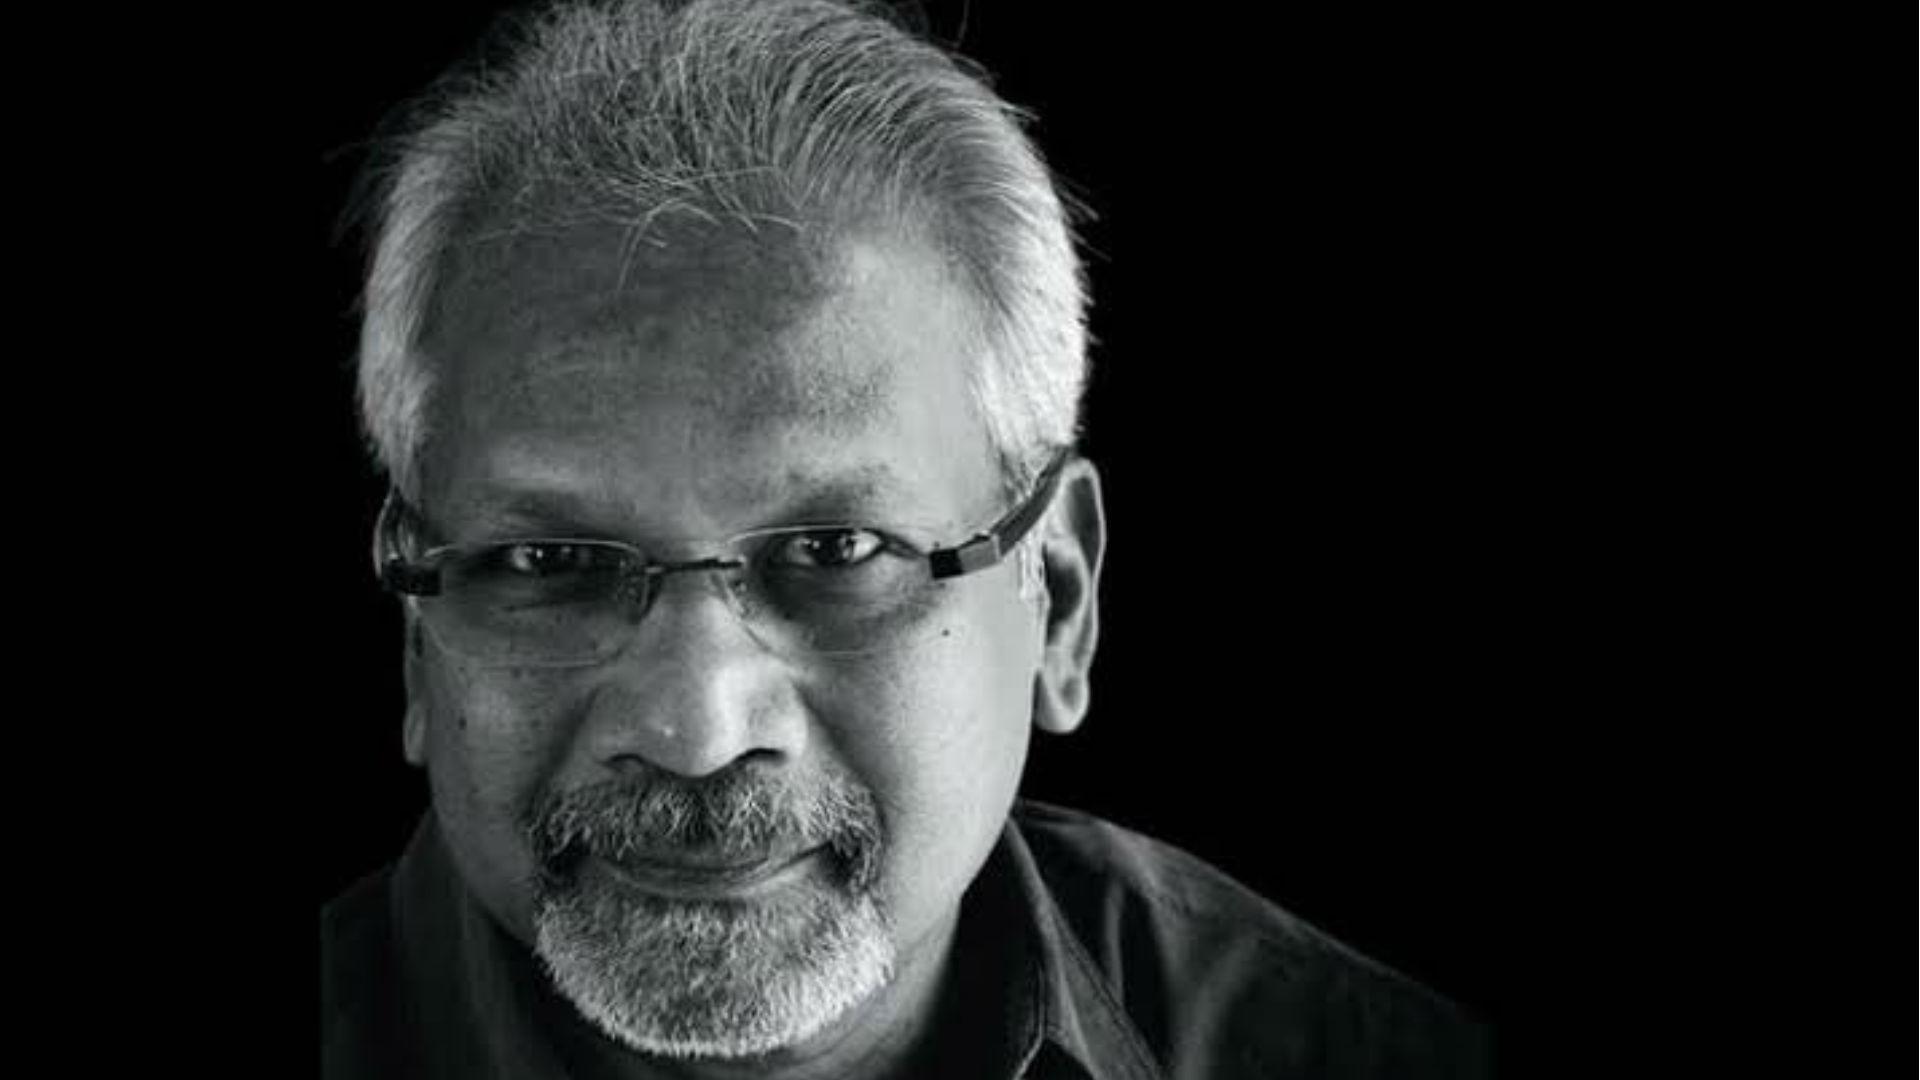 मणिरत्नम चेन्नई के अस्पताल में भर्ती, दिल संबंधी बीमारियों की चपेट में हैं फिल्ममेकर